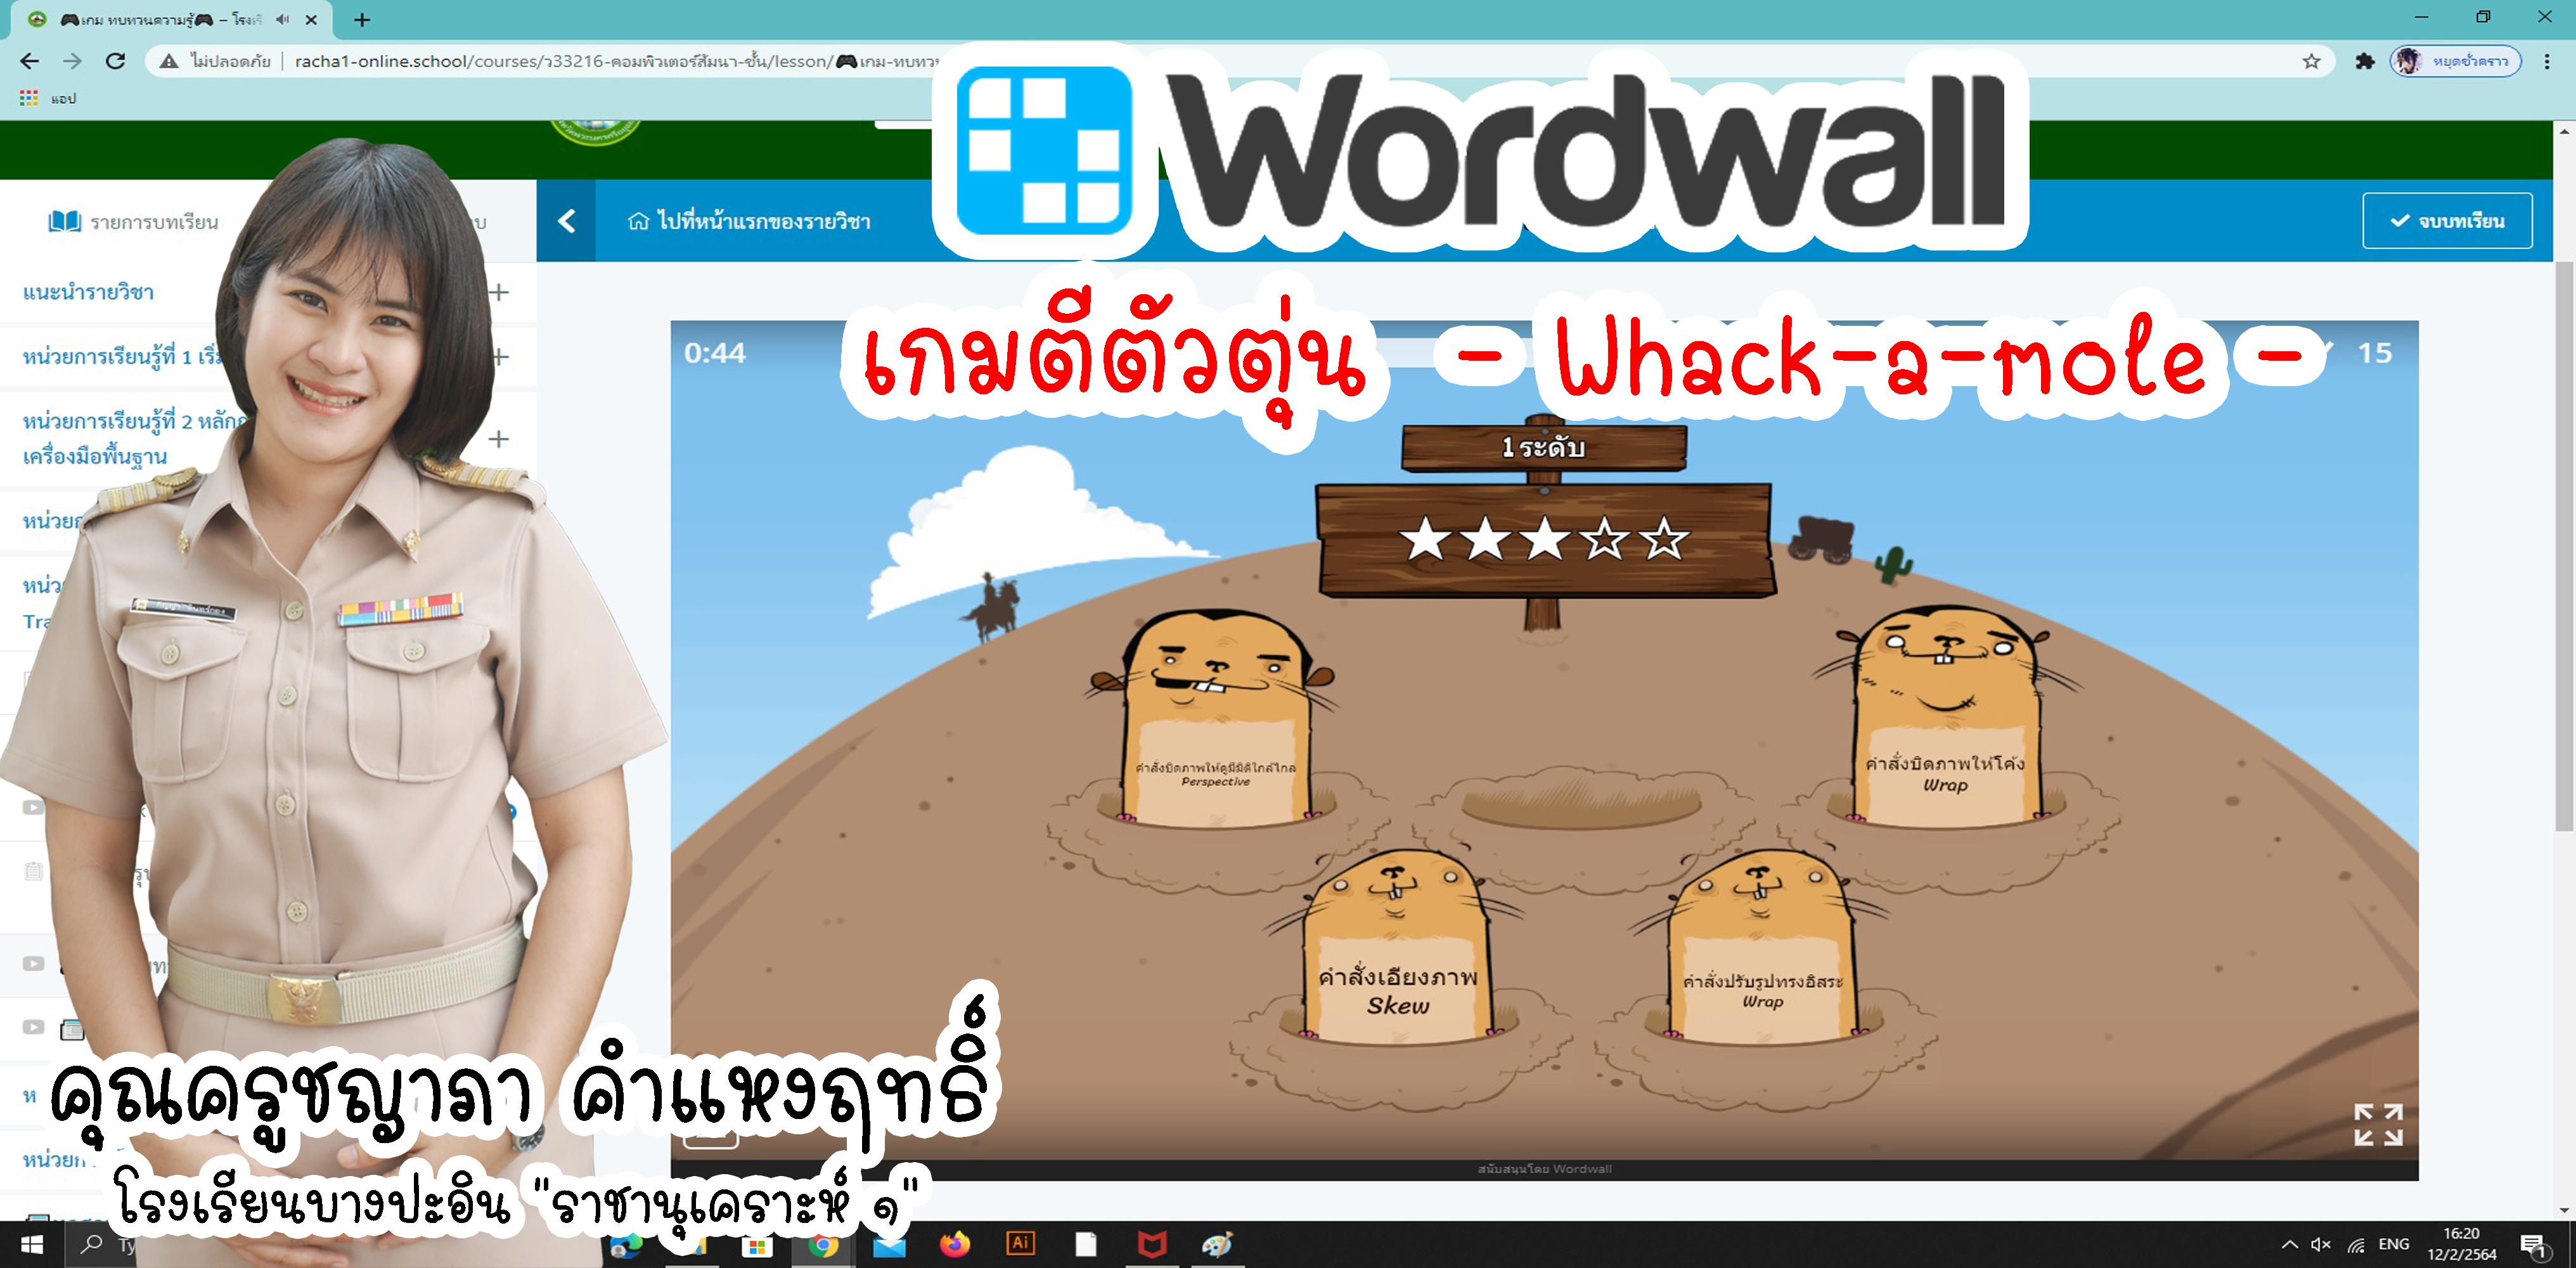 ภาพประกอบไอเดีย Whack a mole by Wordwall